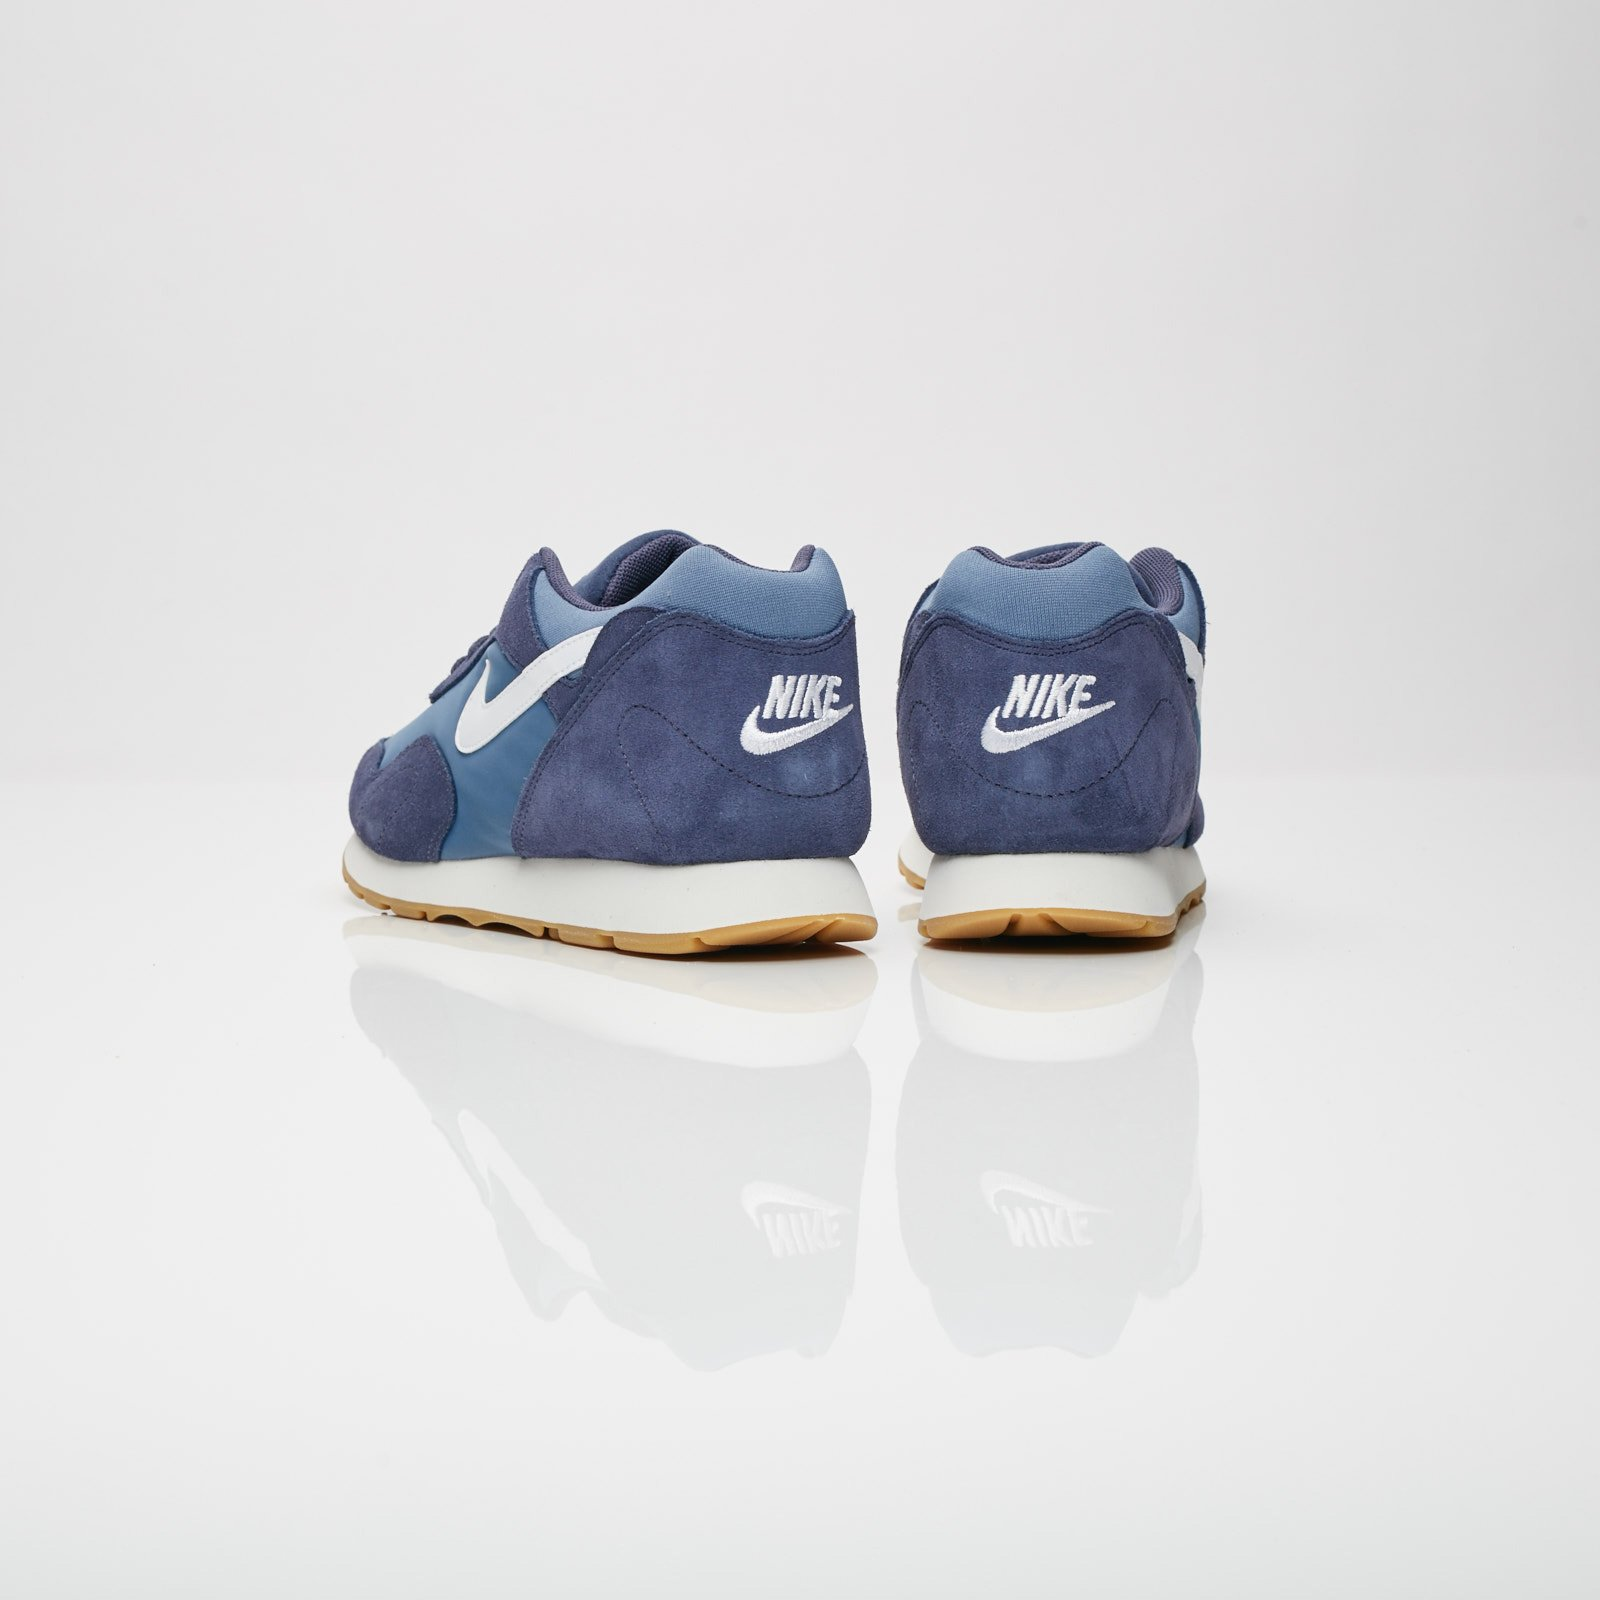 new style 6b675 e6d95 Nike W Outburst - Ao1069-500 - Sneakersnstuff   sneakers   streetwear  online since 1999